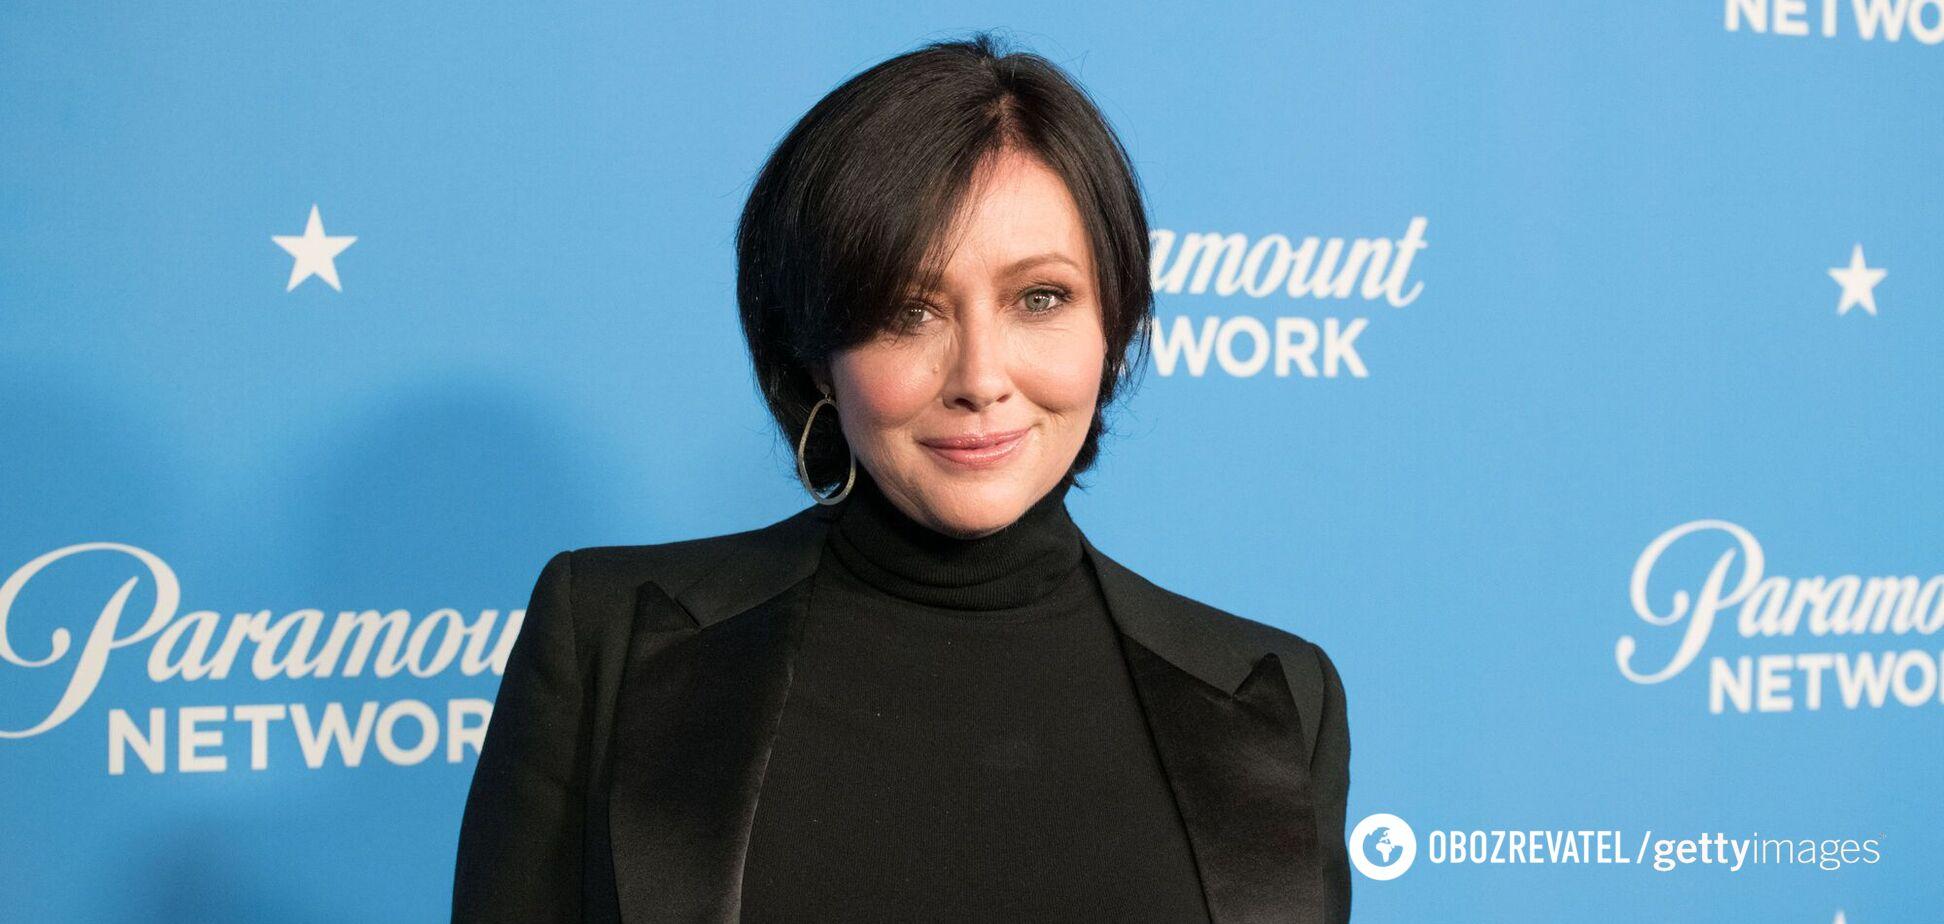 Звезда сериала 'Зачарованные' показала фото без макияжа после двух лет борьбы с раком